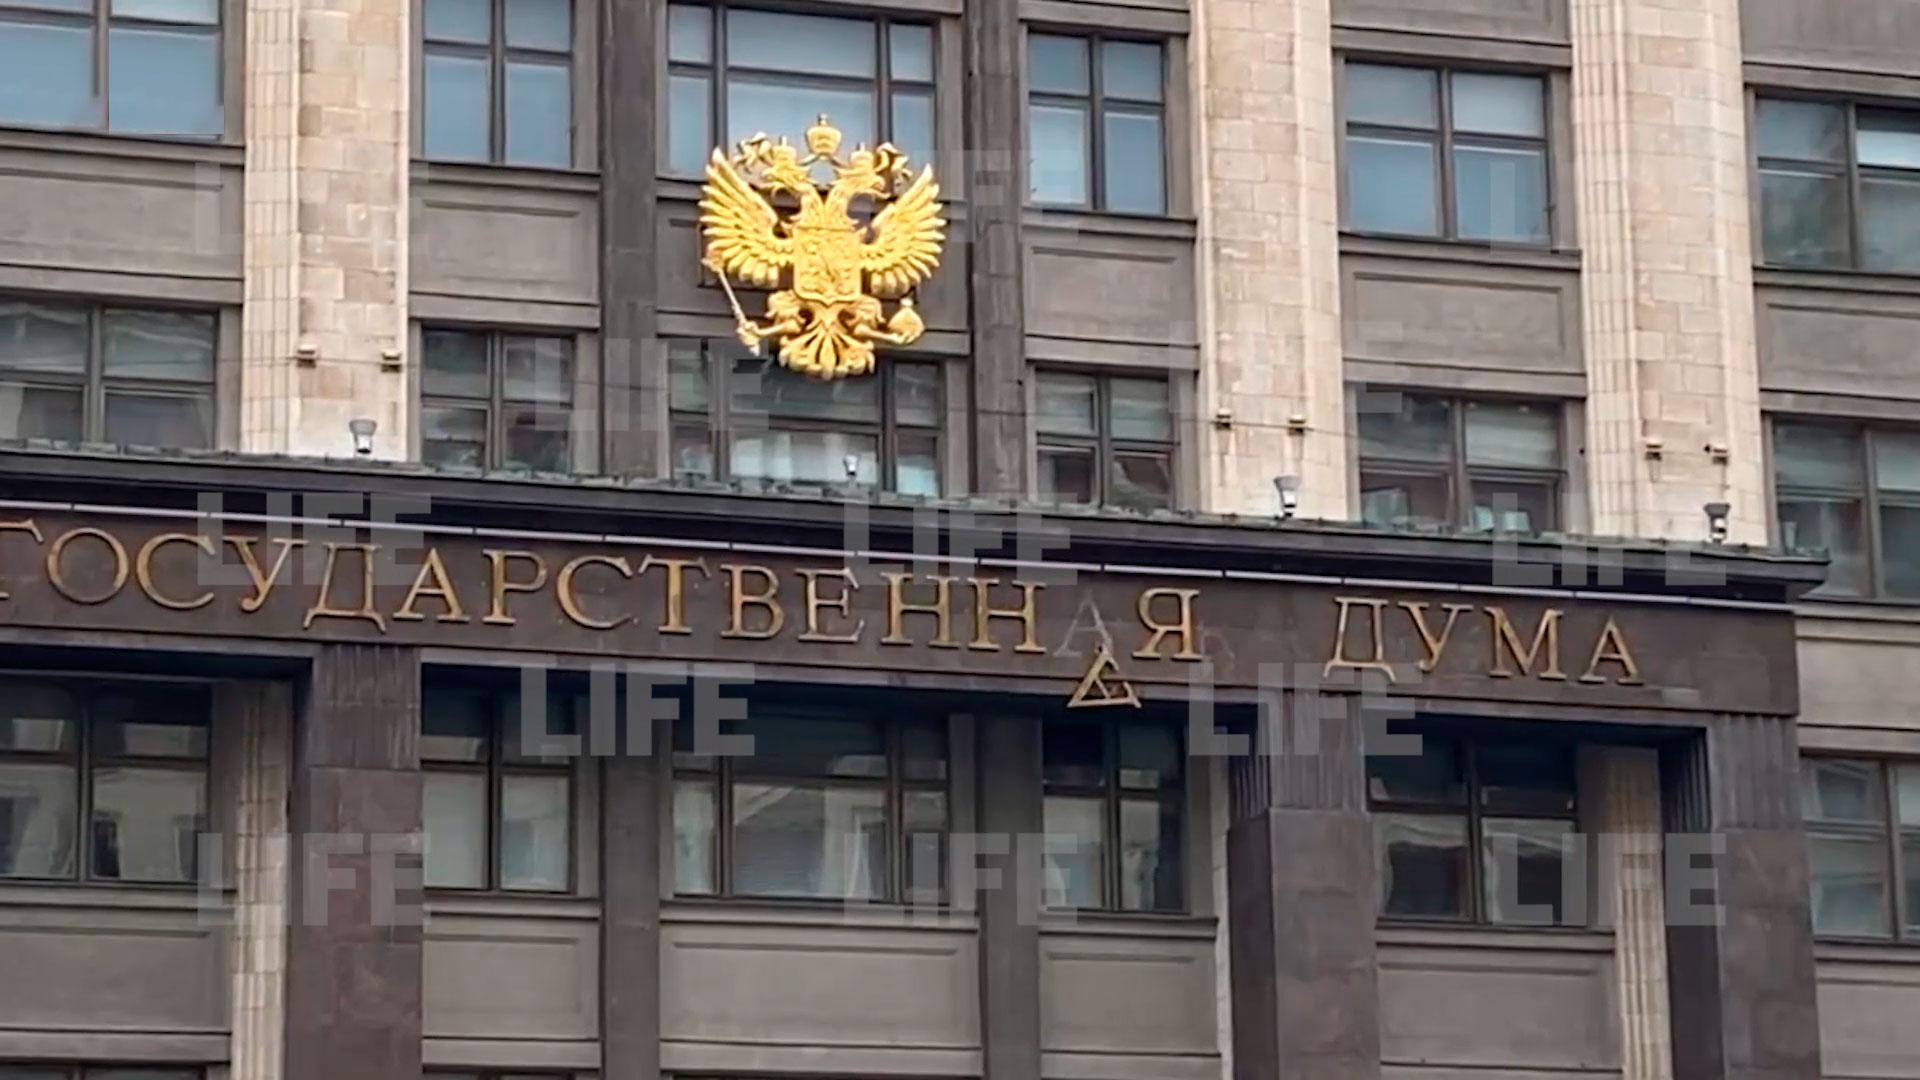 Жириновский выступил за переезд Госдумы в новое здание после инцидента с отвалившейся буквой 'А'